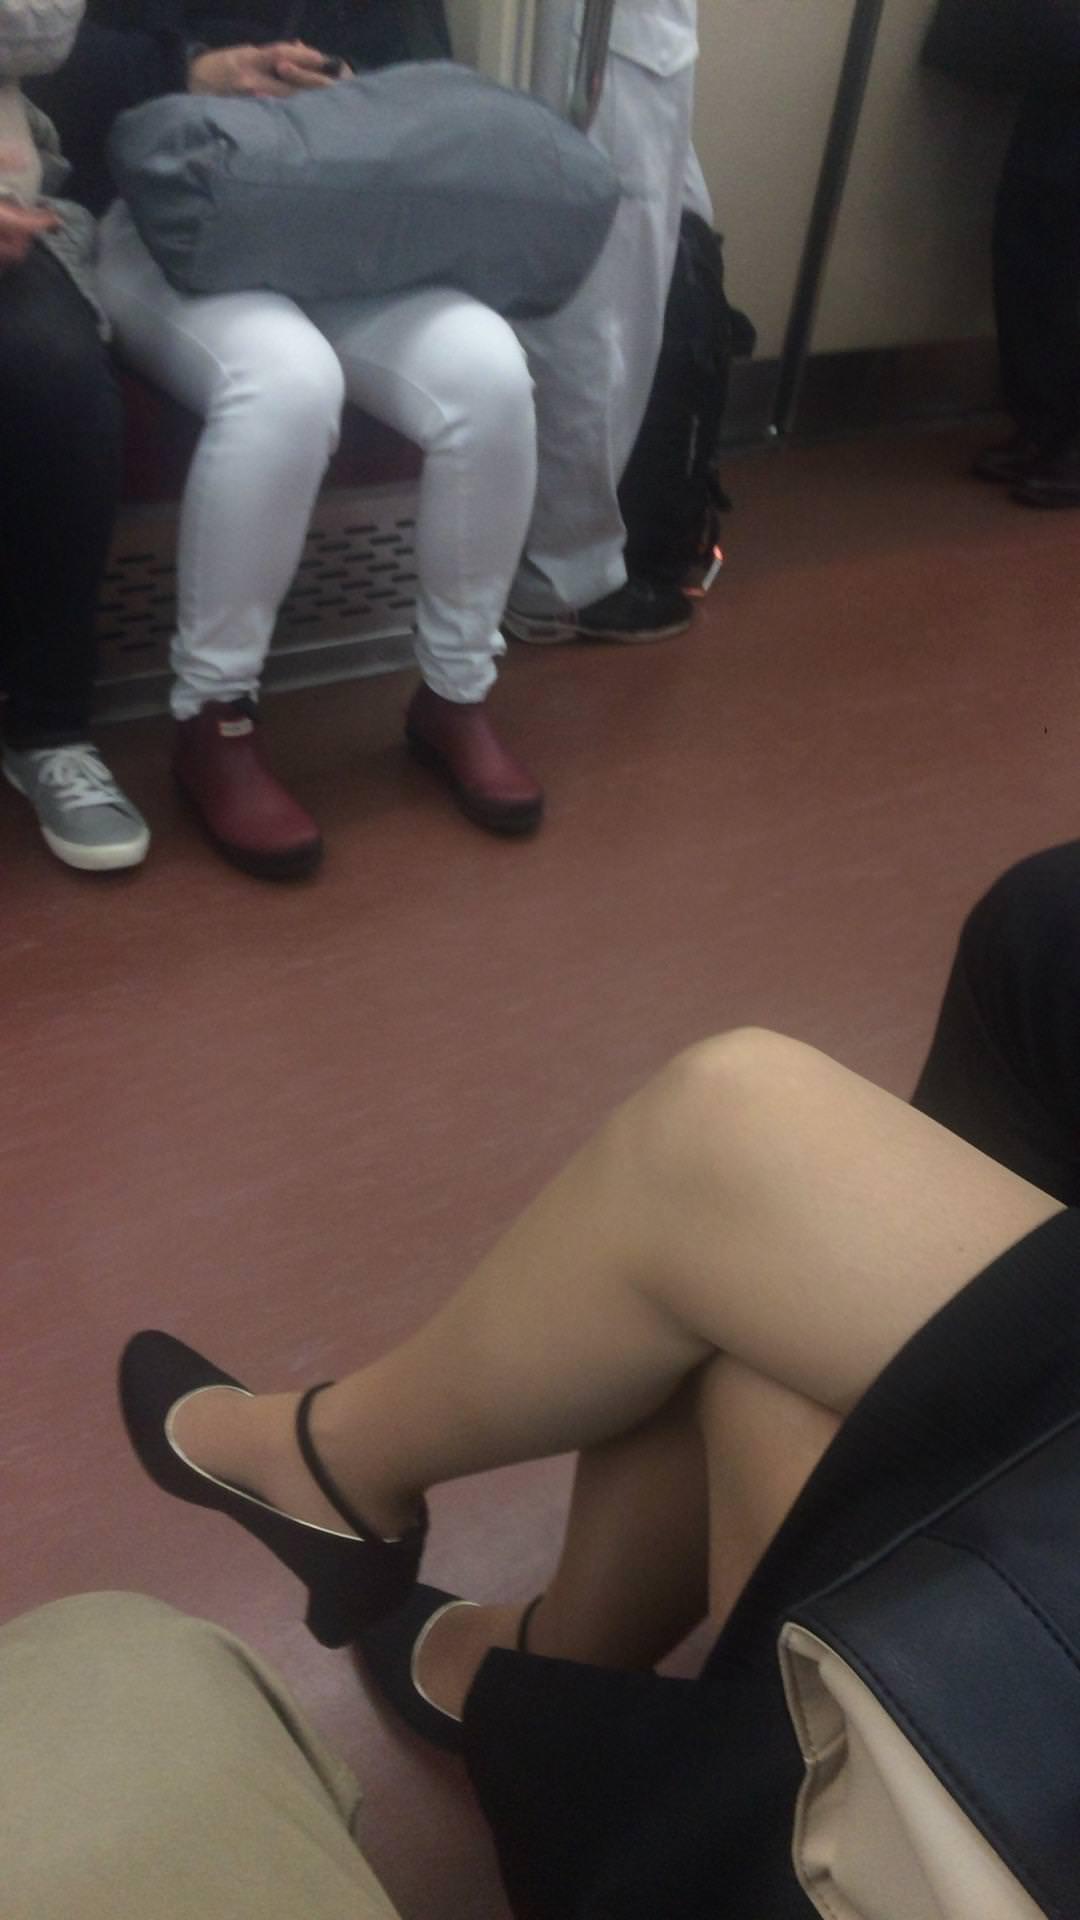 お姉さんが履くストッキングは黒とベージュどっちが好き?????? 2PsPwuB